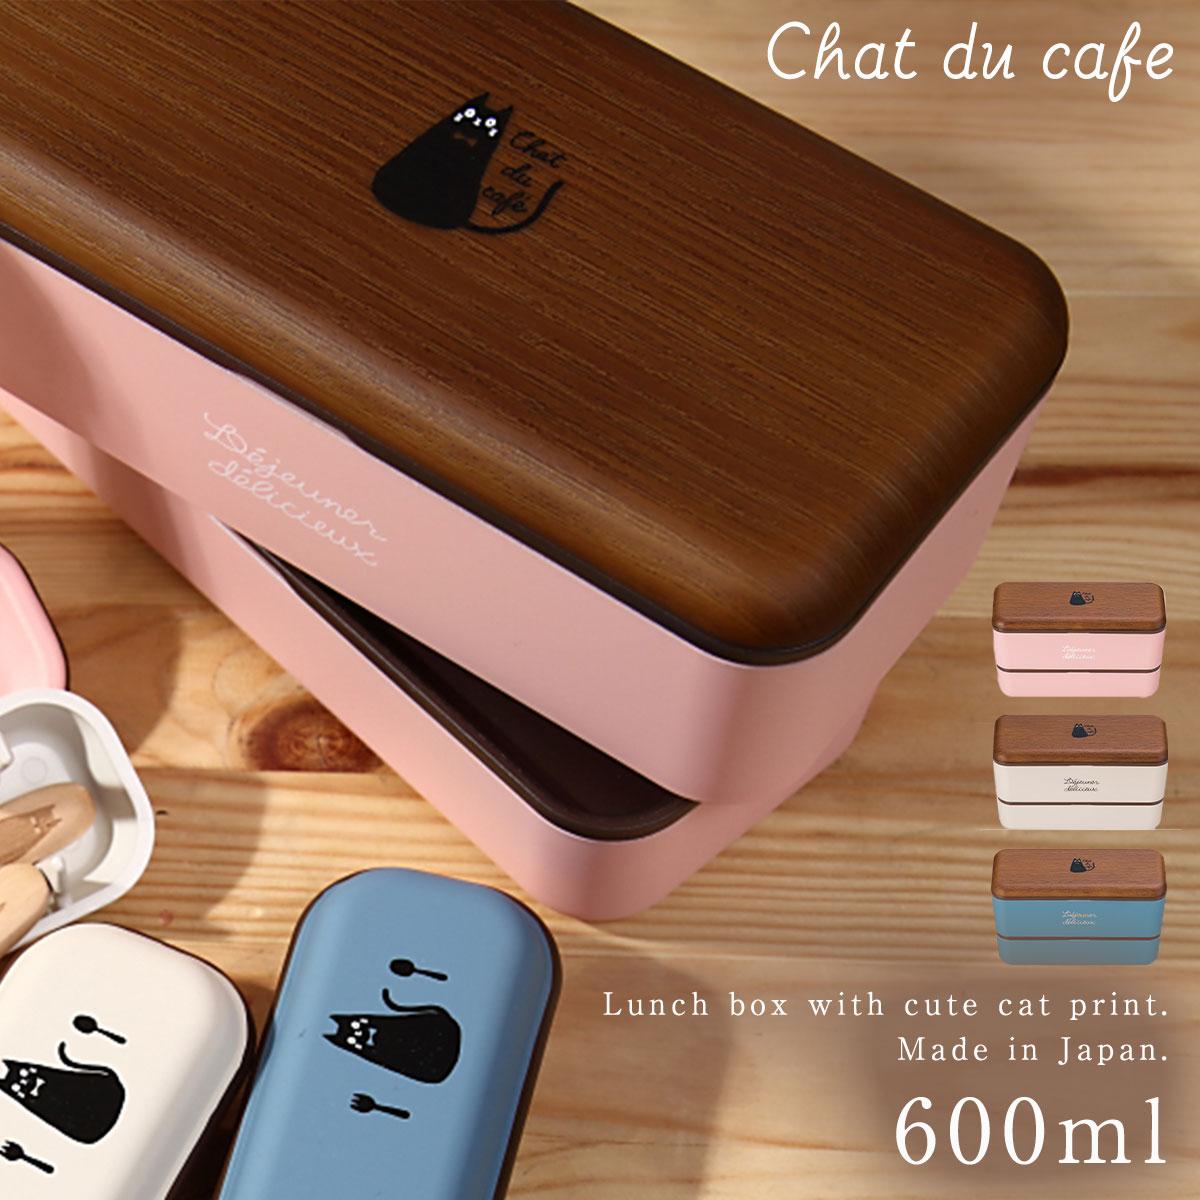 お弁当箱 2段 ランチボックス レンジ対応 食洗機対応 Chat du cafe 長角ネストランチ